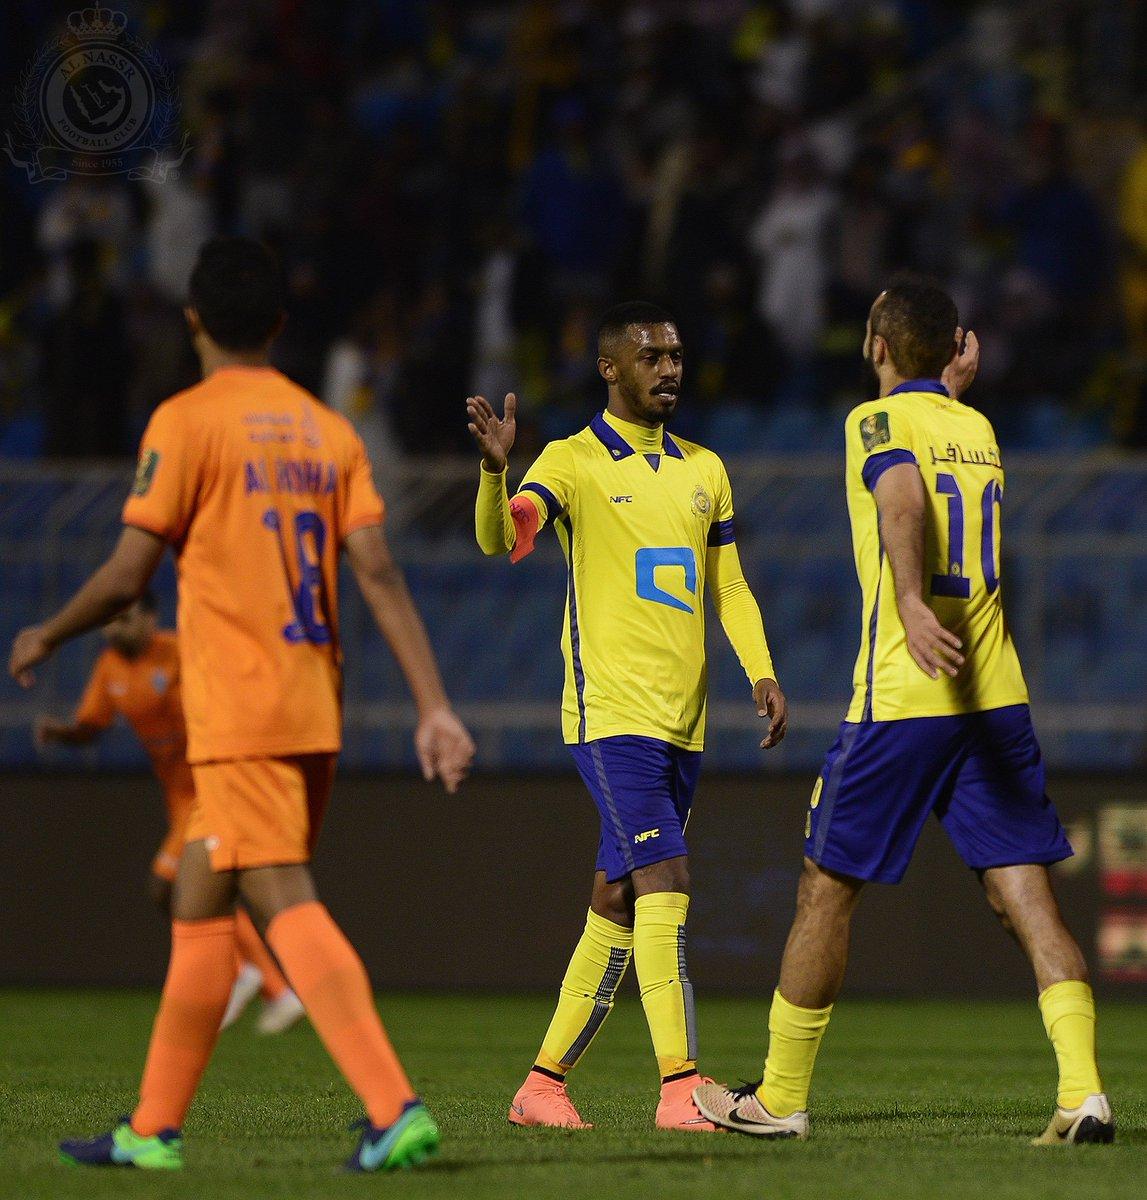 صــور من مباراة #النصر_الفيحاء  6-10 #NFC https://t.co/QOJ4178JLH